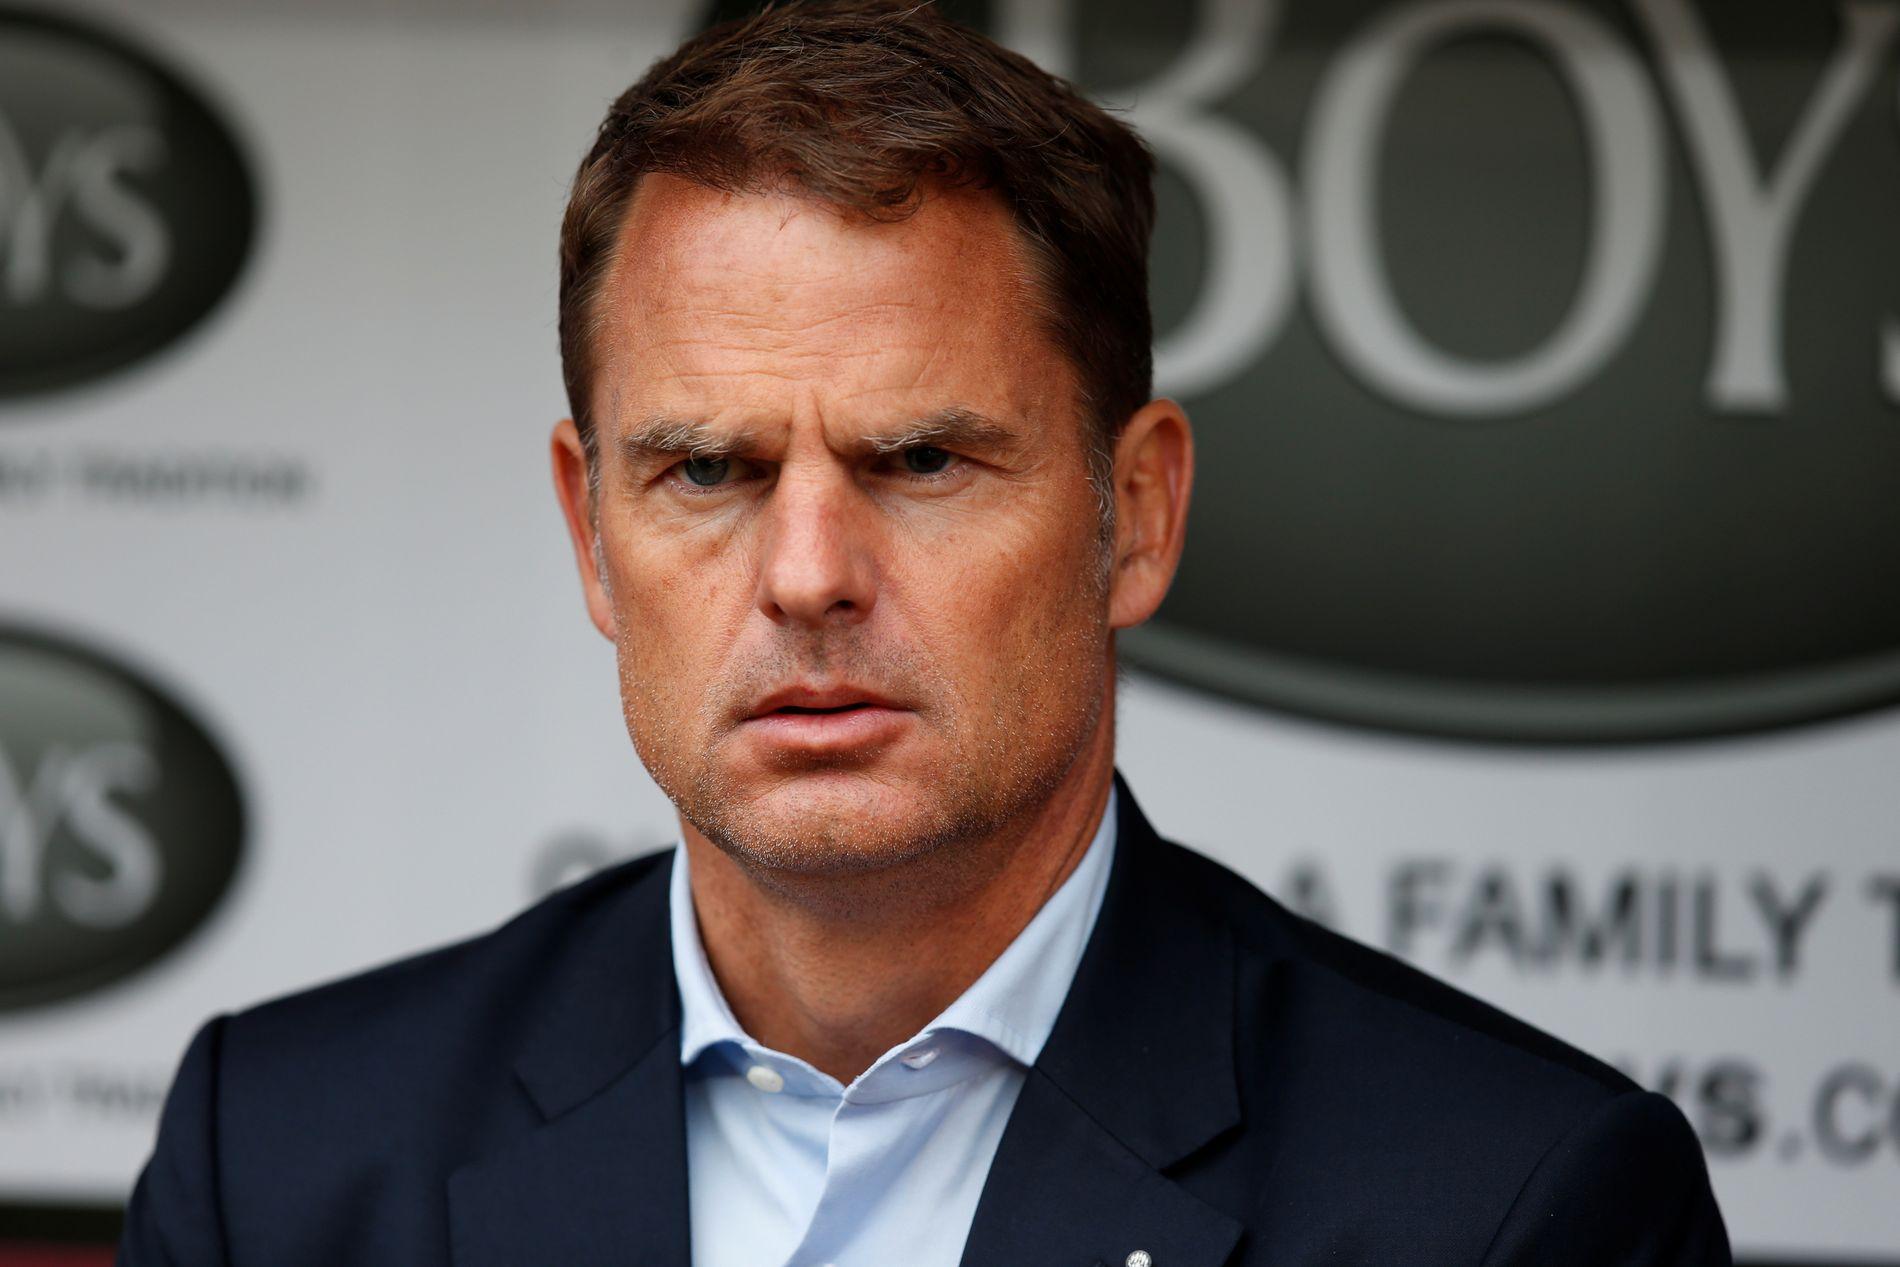 FERDIG: Frank de Boers Premier League-karriere ble av det kortvarige slaget.